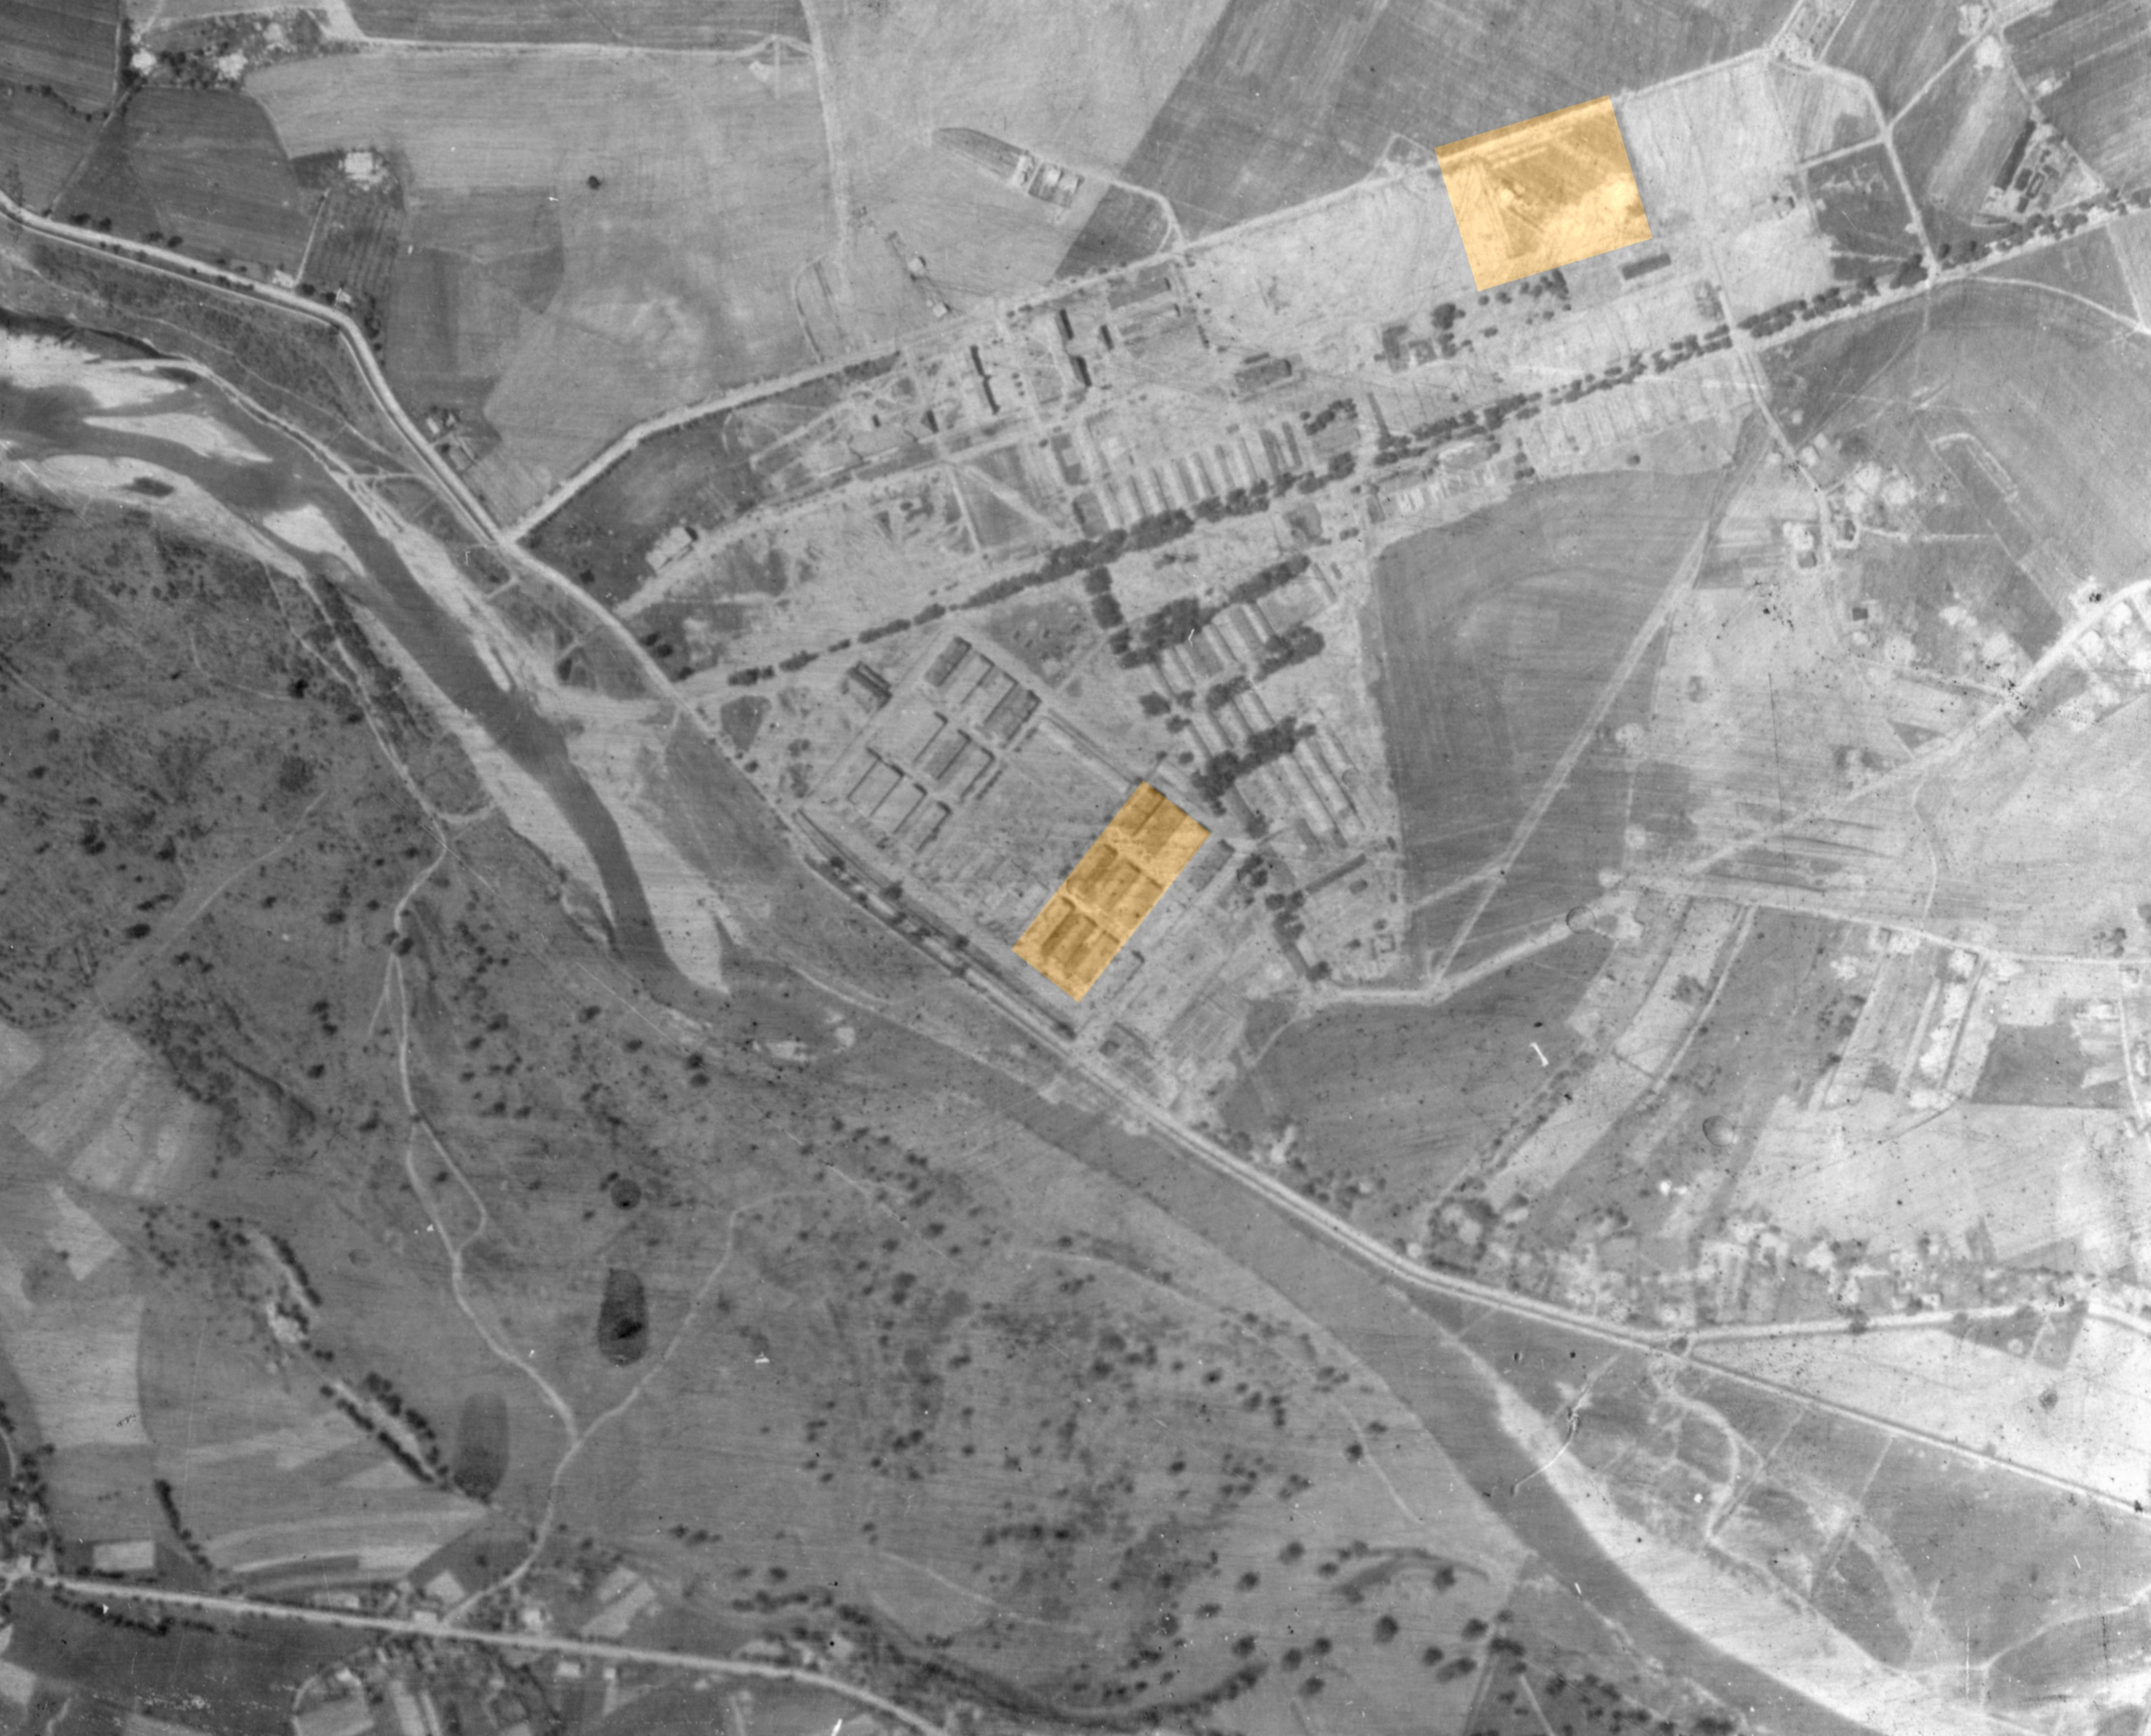 Источник: A-BSMA.  Немецкий аэрофотоснимок августа 1941 года: лагерь для советских военнопленных, расположенный внутри лагеря Освенцим в сентябре 1941 года (внизу); и вероятное место, куда в октябре 1941 года прибыли массовые транспорты с военнопленными (вверху). Биркенау, Аушвиц.